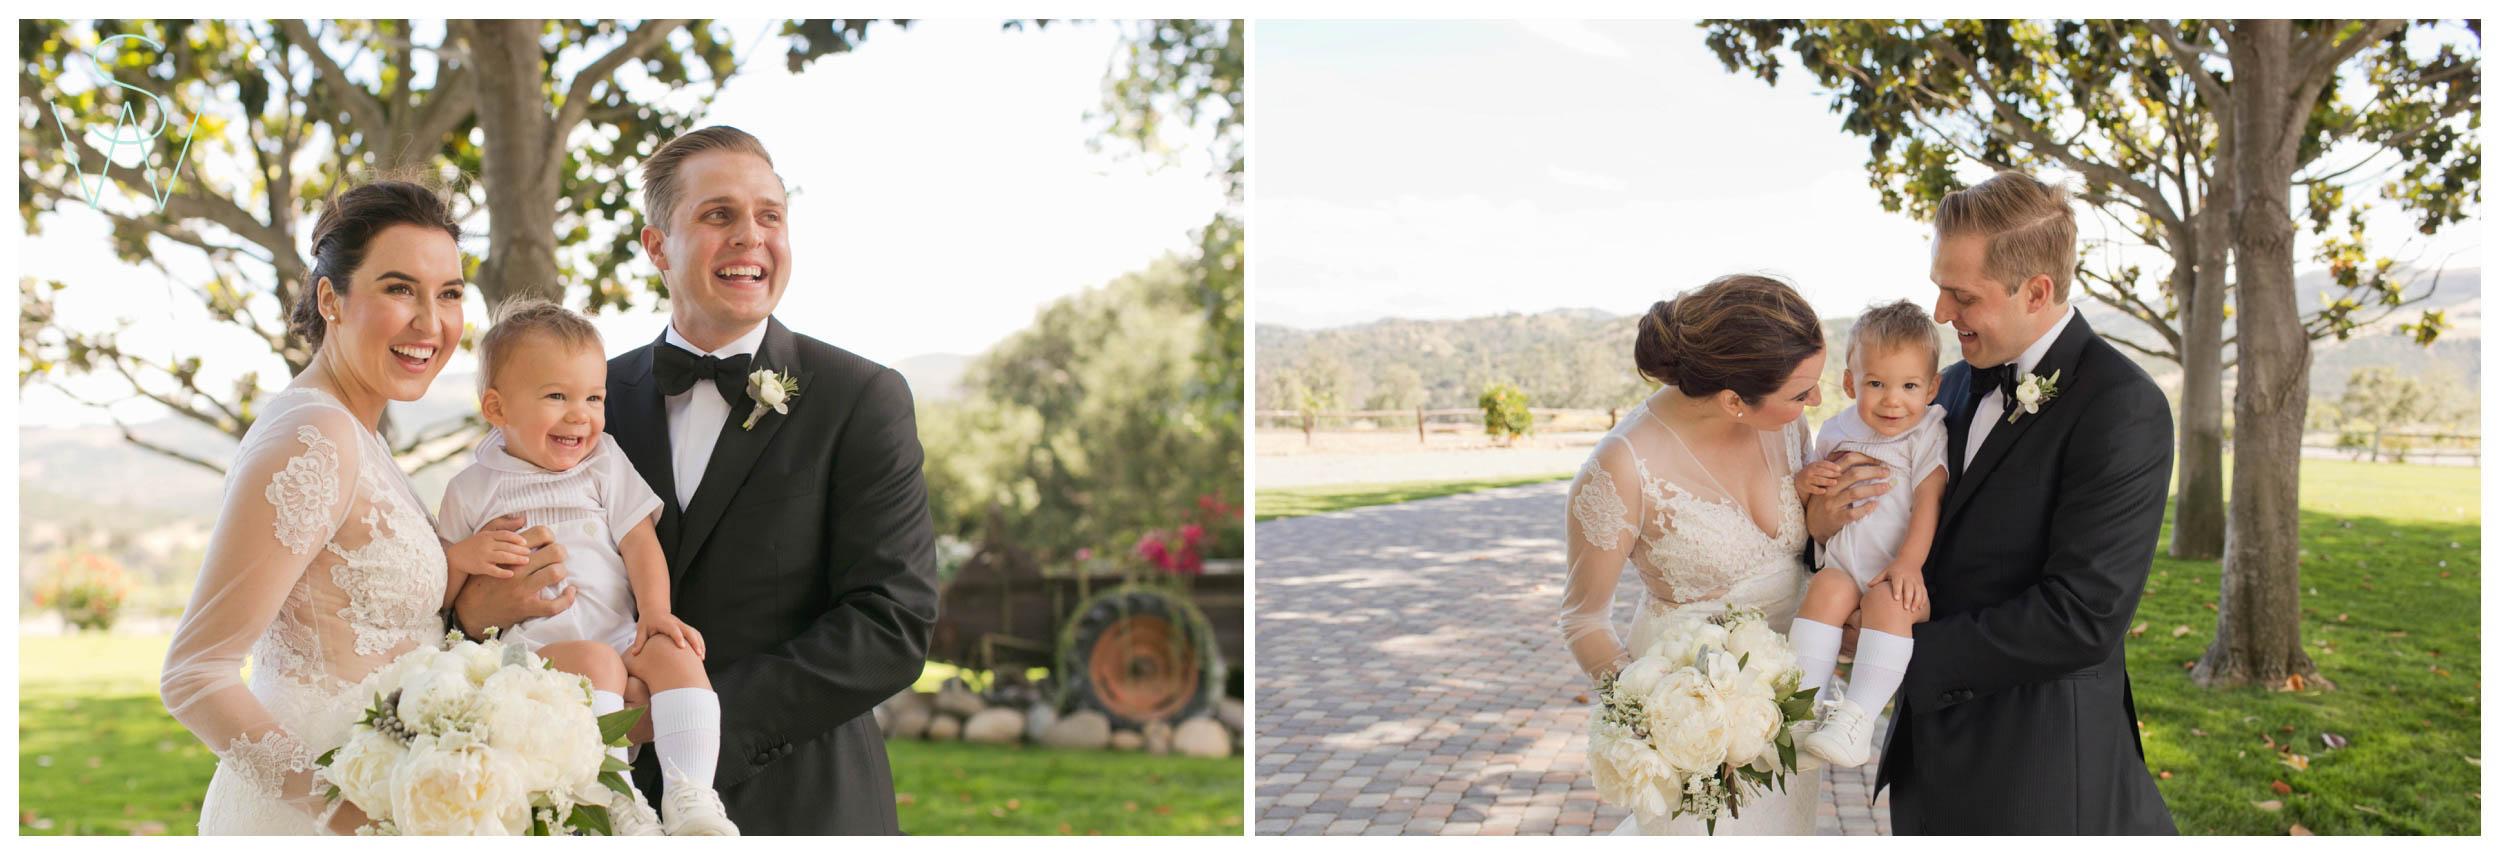 Shewanders.san_.diego_.wedding.photography.private.estate.tara_.jason-3823.jpg.diego_.wedding.photography.private.estate.tara_.jason-382.jpg